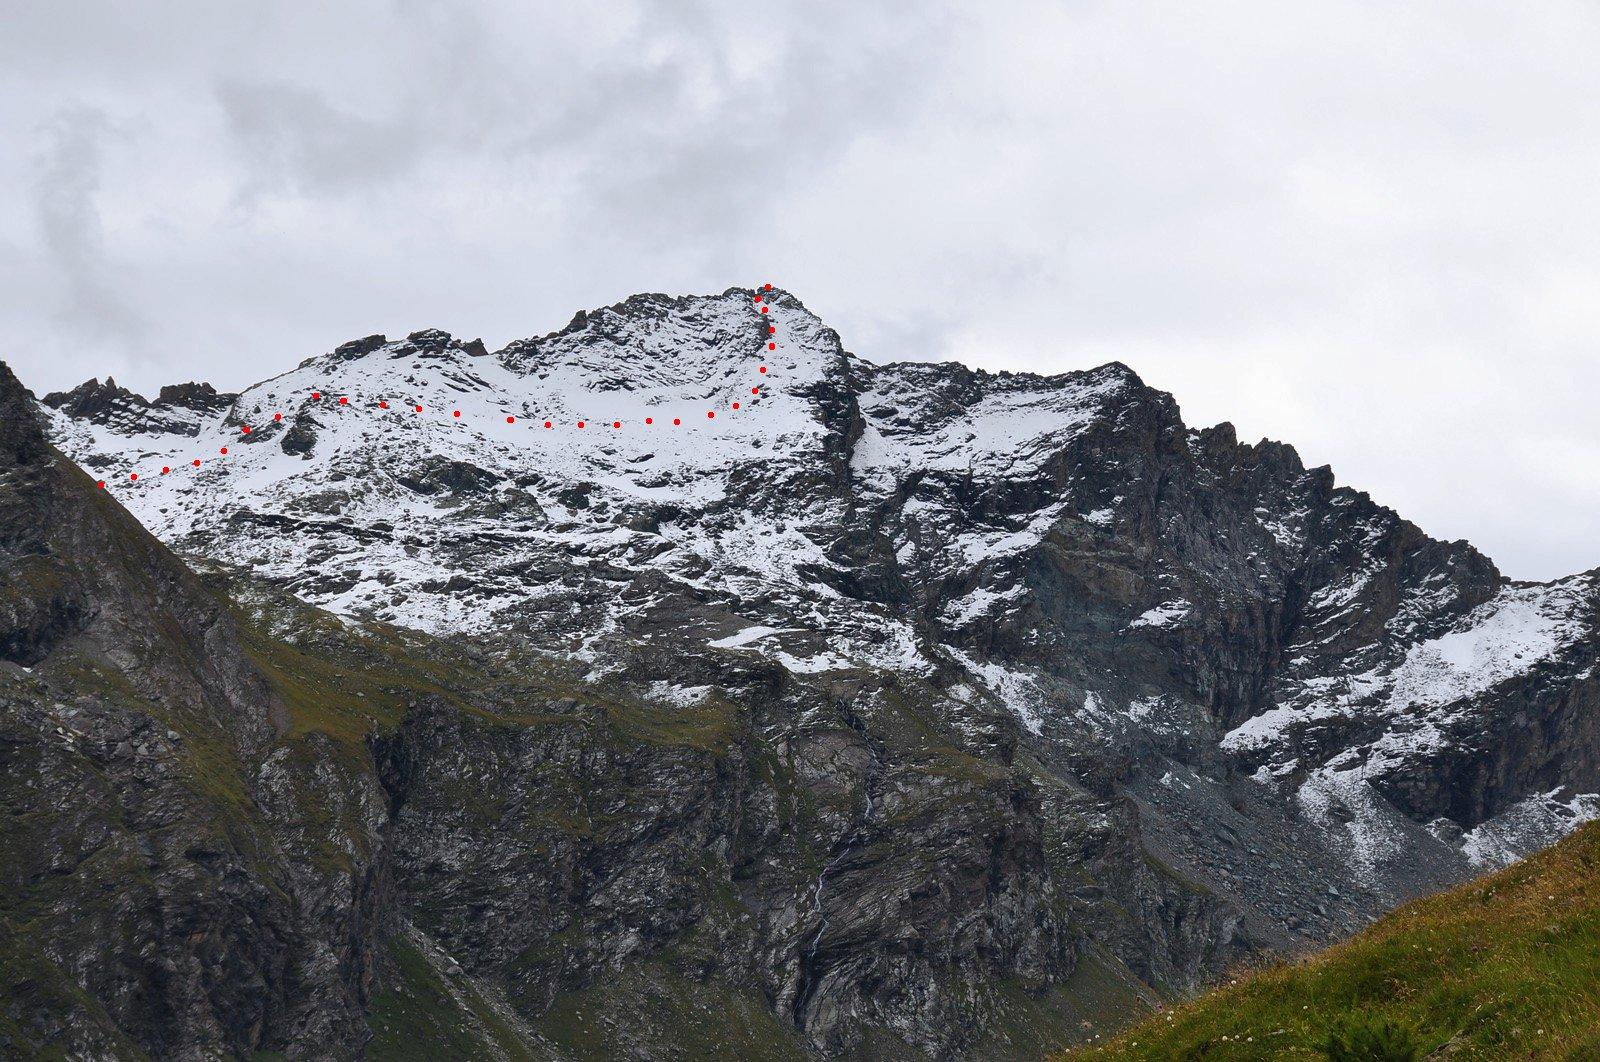 il versante con il percorso visto dalla Val Clavalitè (da Summitpost)